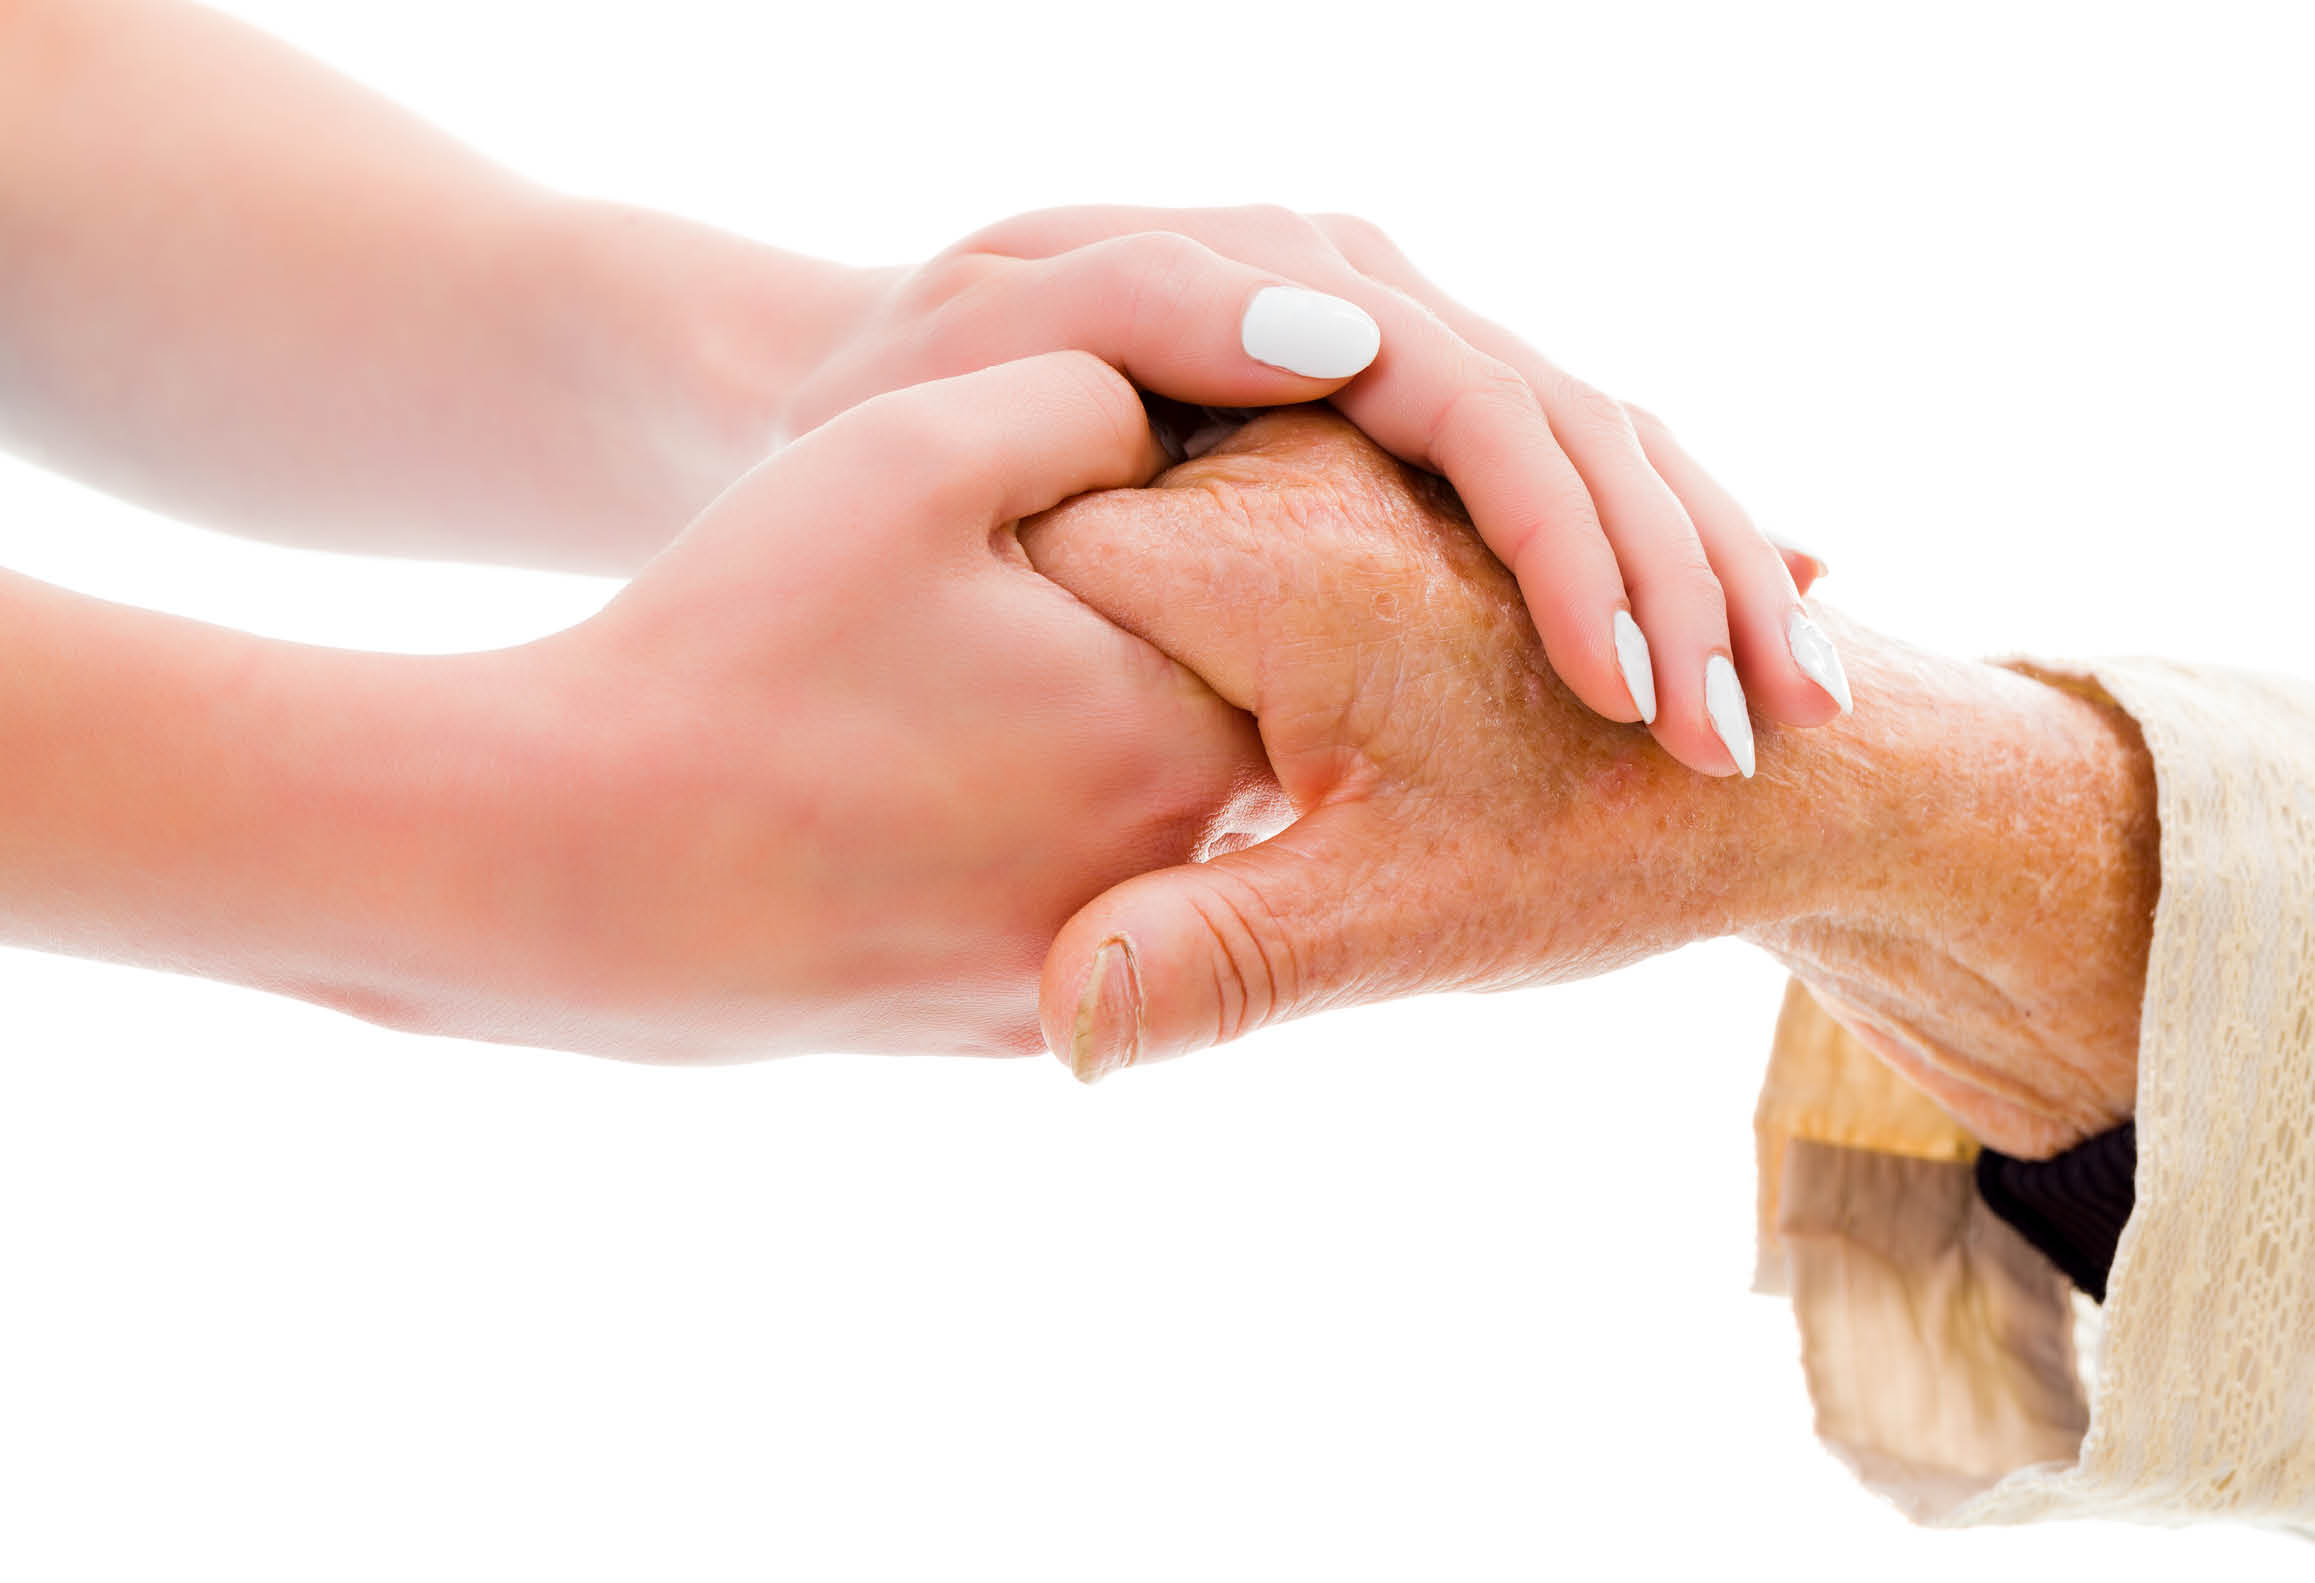 Yngre person håller handen på äldre person